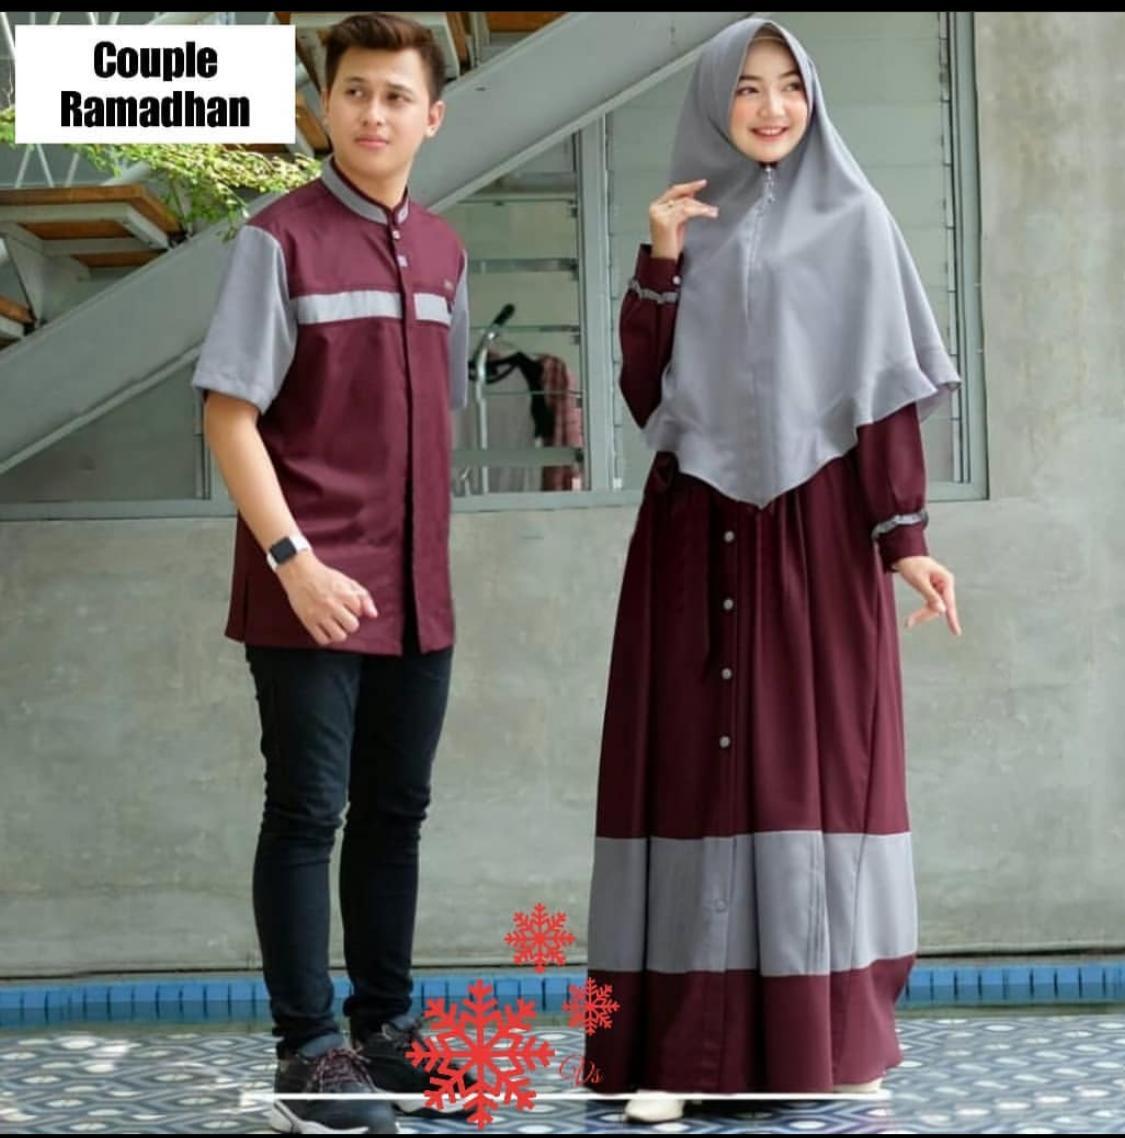 Termurah!!! dan COD Fazza Store CP Ramadhan couple baju couple polos gamis  baju couple polos lengan panjang model baju couple polos terbaru baju